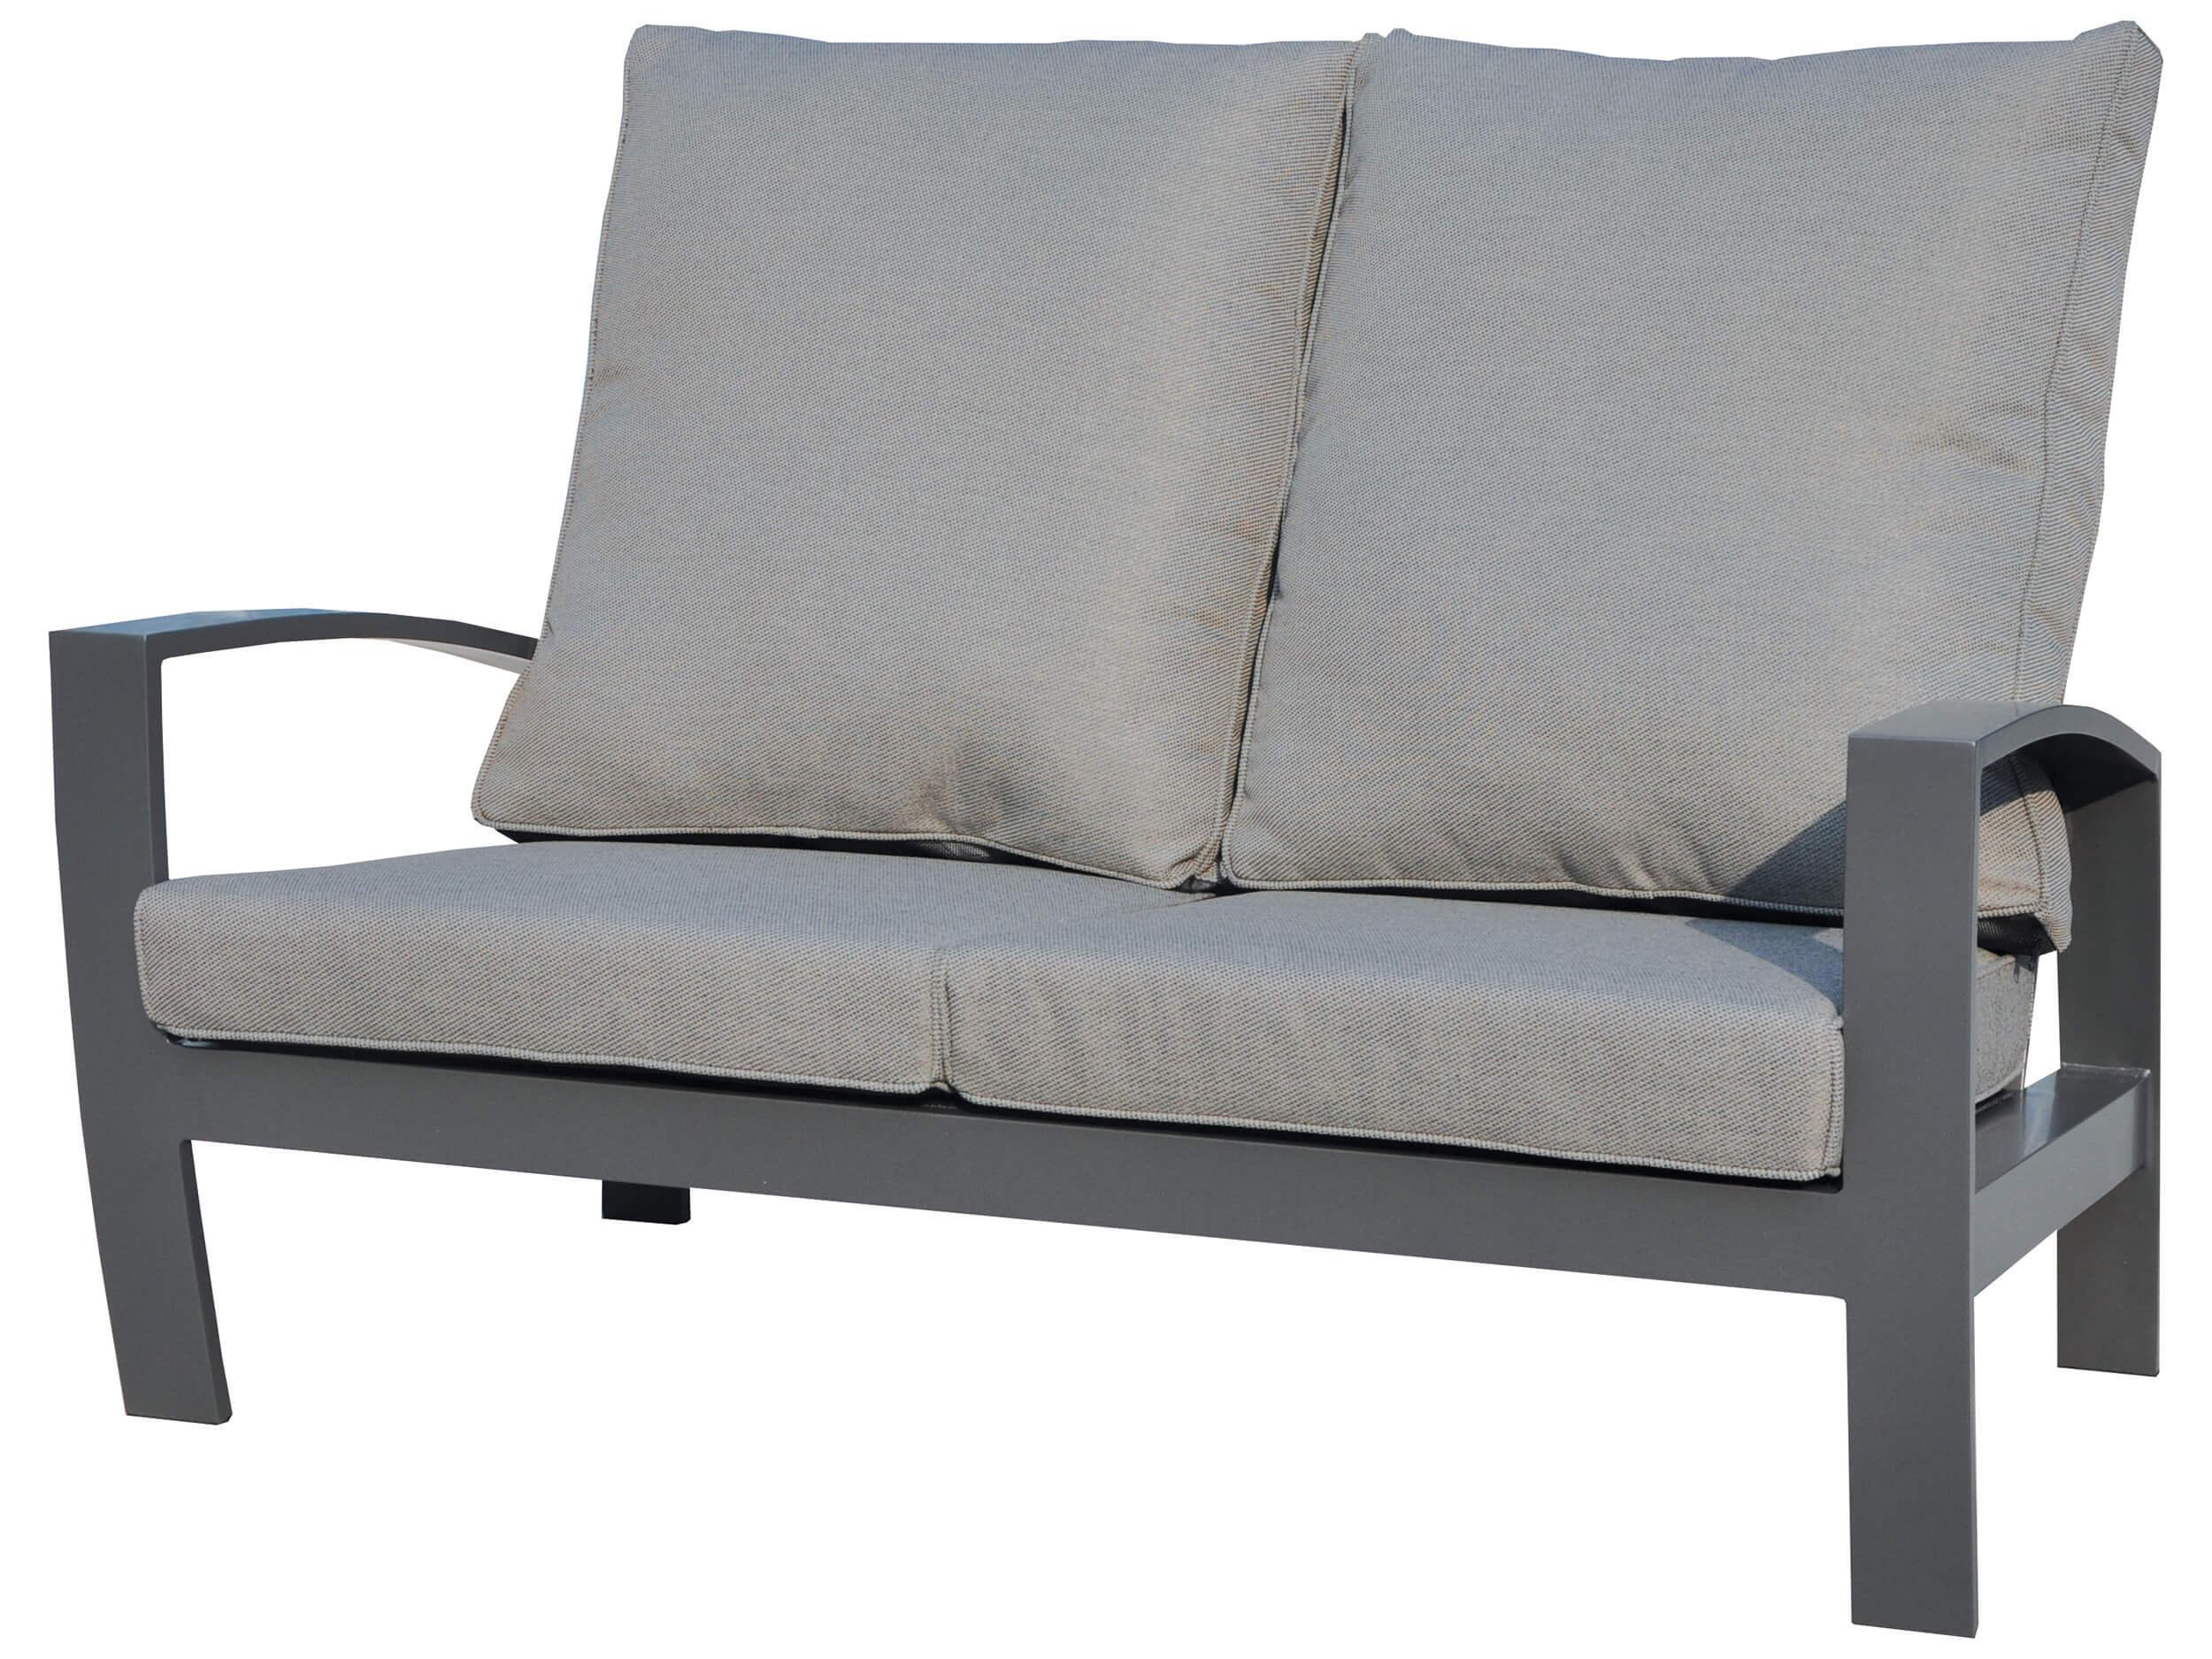 Full Size of Aluminium Lounge Valencia 2 Sitzer Sofa Gartenmbel Lnse Verbundplatte Küche Fenster Garten Loungemöbel Holz Günstig Wohnzimmer Loungemöbel Aluminium